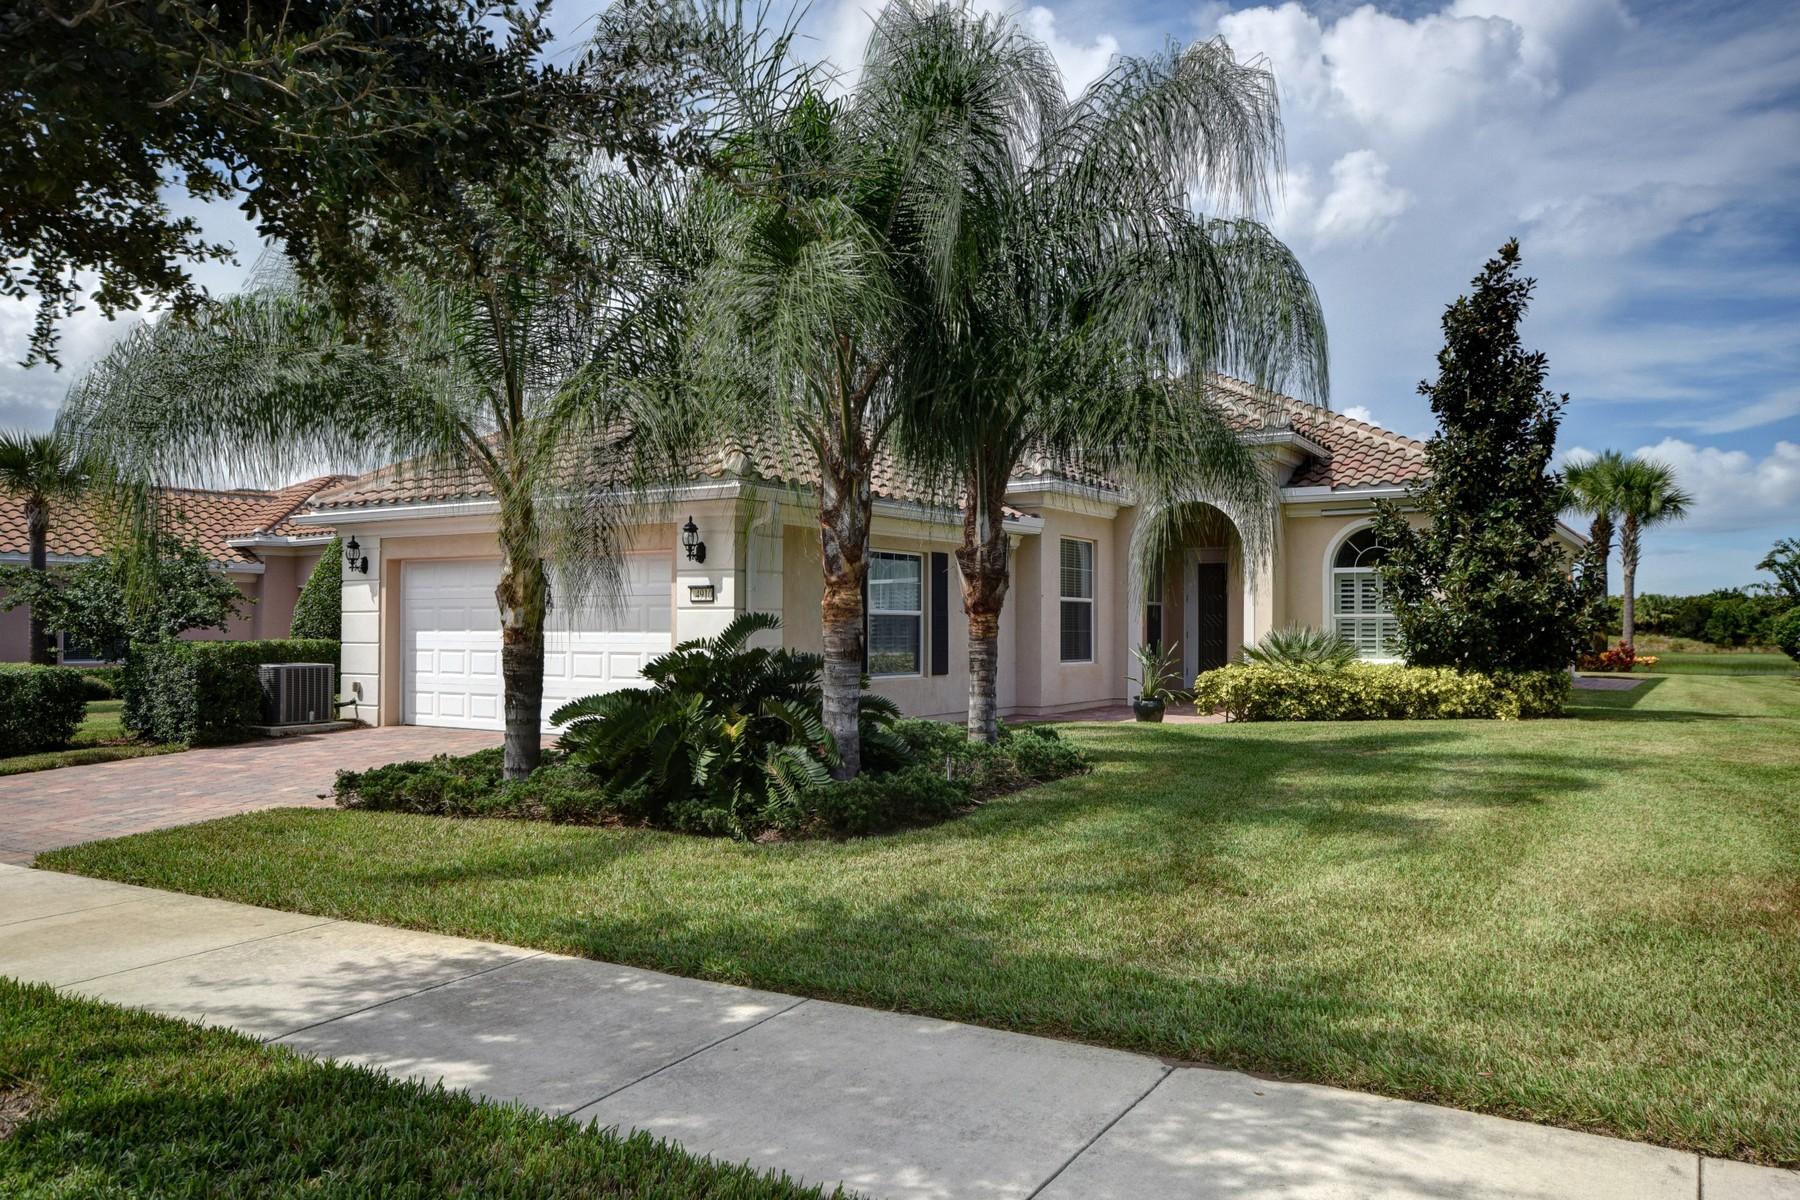 Maison unifamiliale pour l Vente à Breathtaking preserve view home in Waterway Village 4910 Green Isand Place Vero Beach, Florida 32967 États-Unis